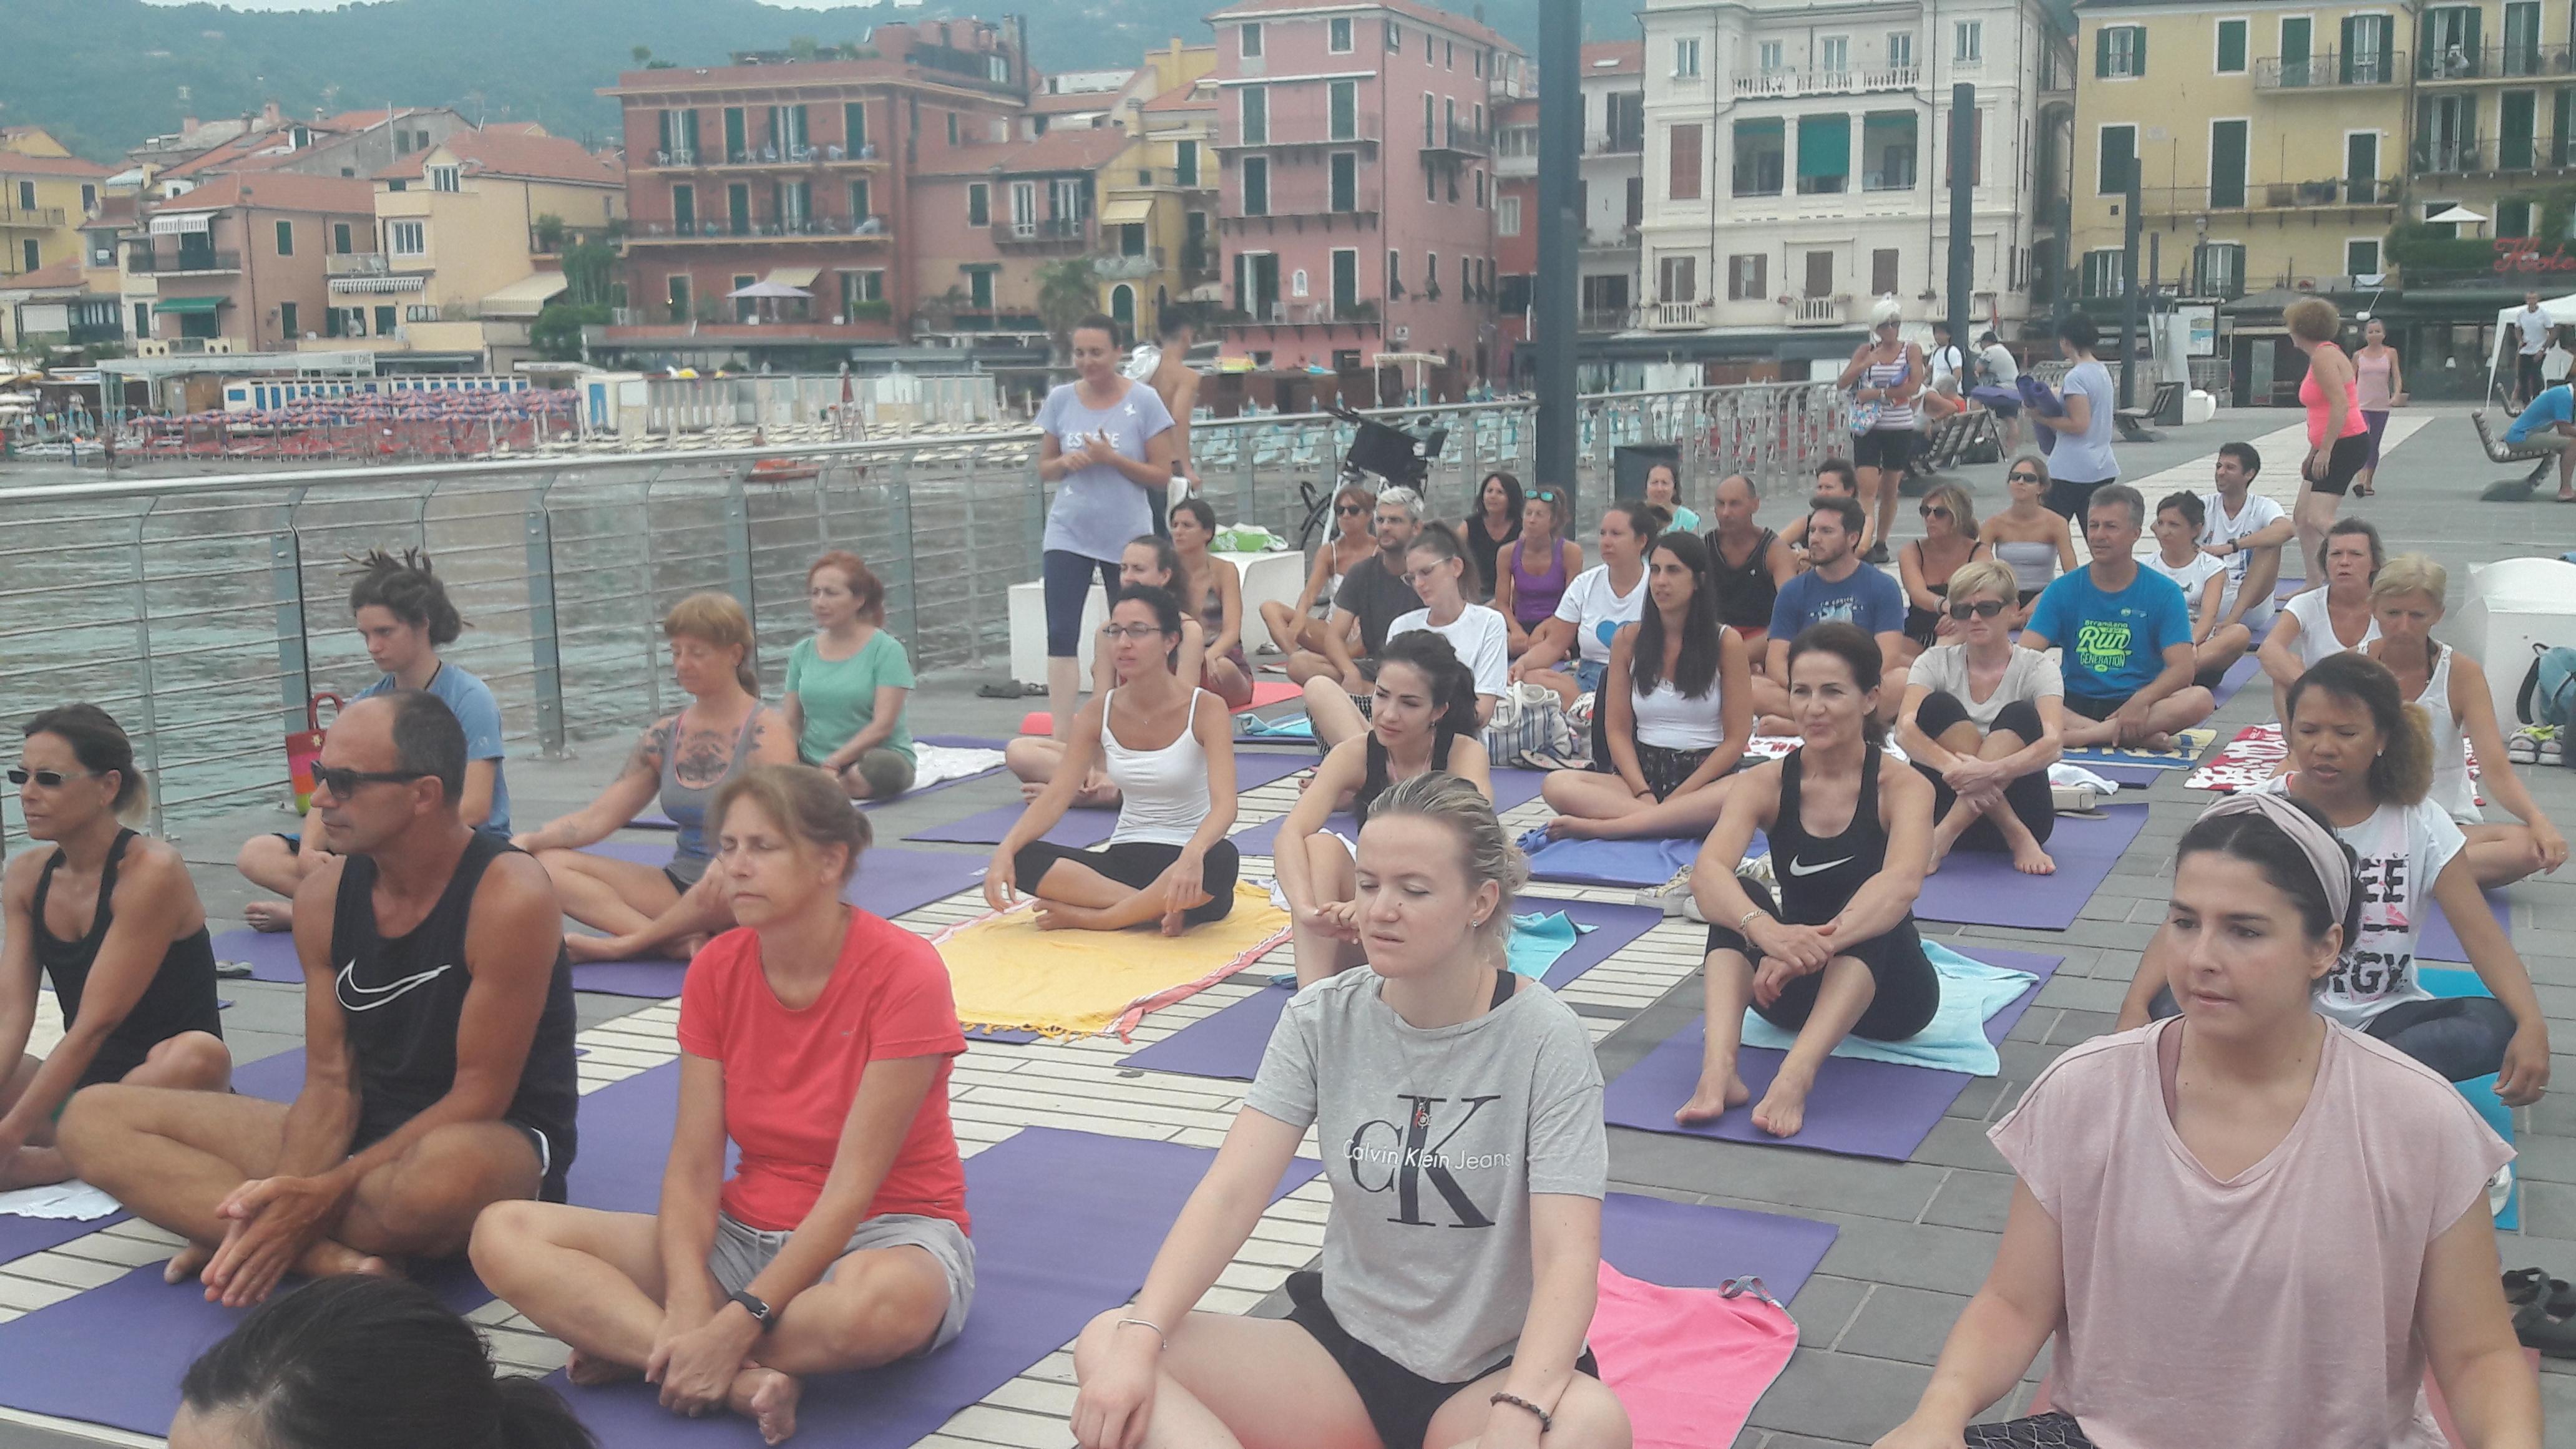 essere-free-yoga-gratuito-benessere-per-tutti-village-citta-alassio-estate-lucia-ragazzi-summer-town-wellness-53